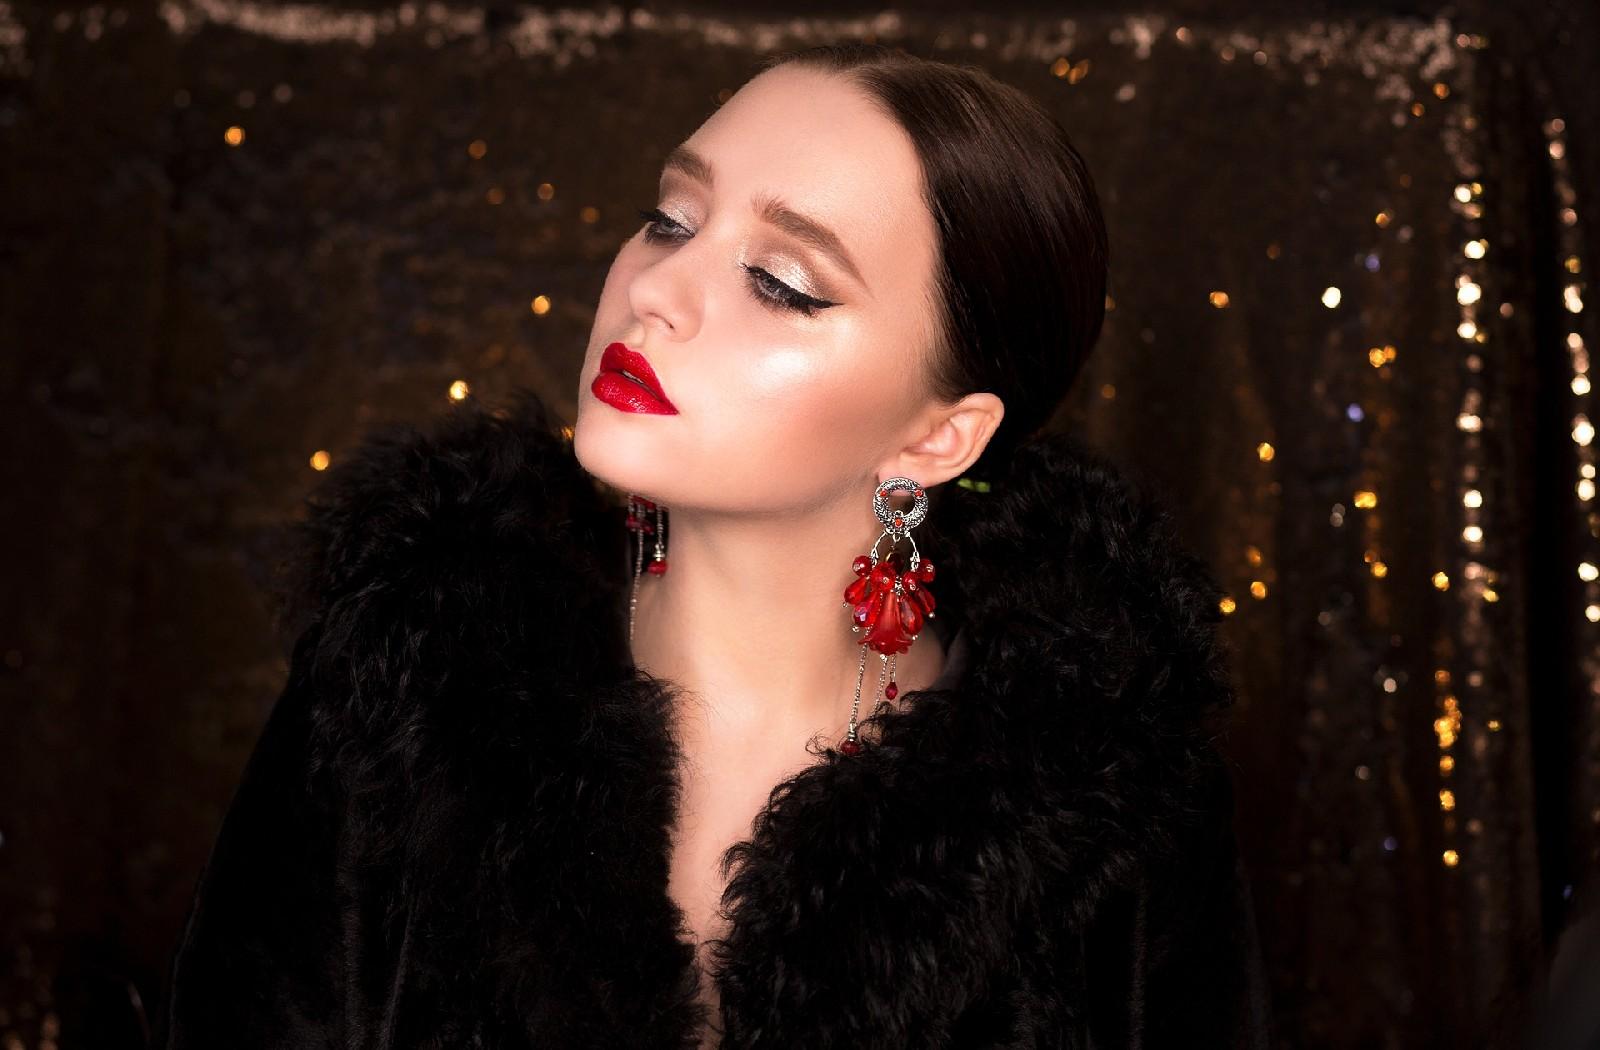 Biżuteria jako sposób wyrażenia siebie oraz ciekawy dodatek do stylizacji